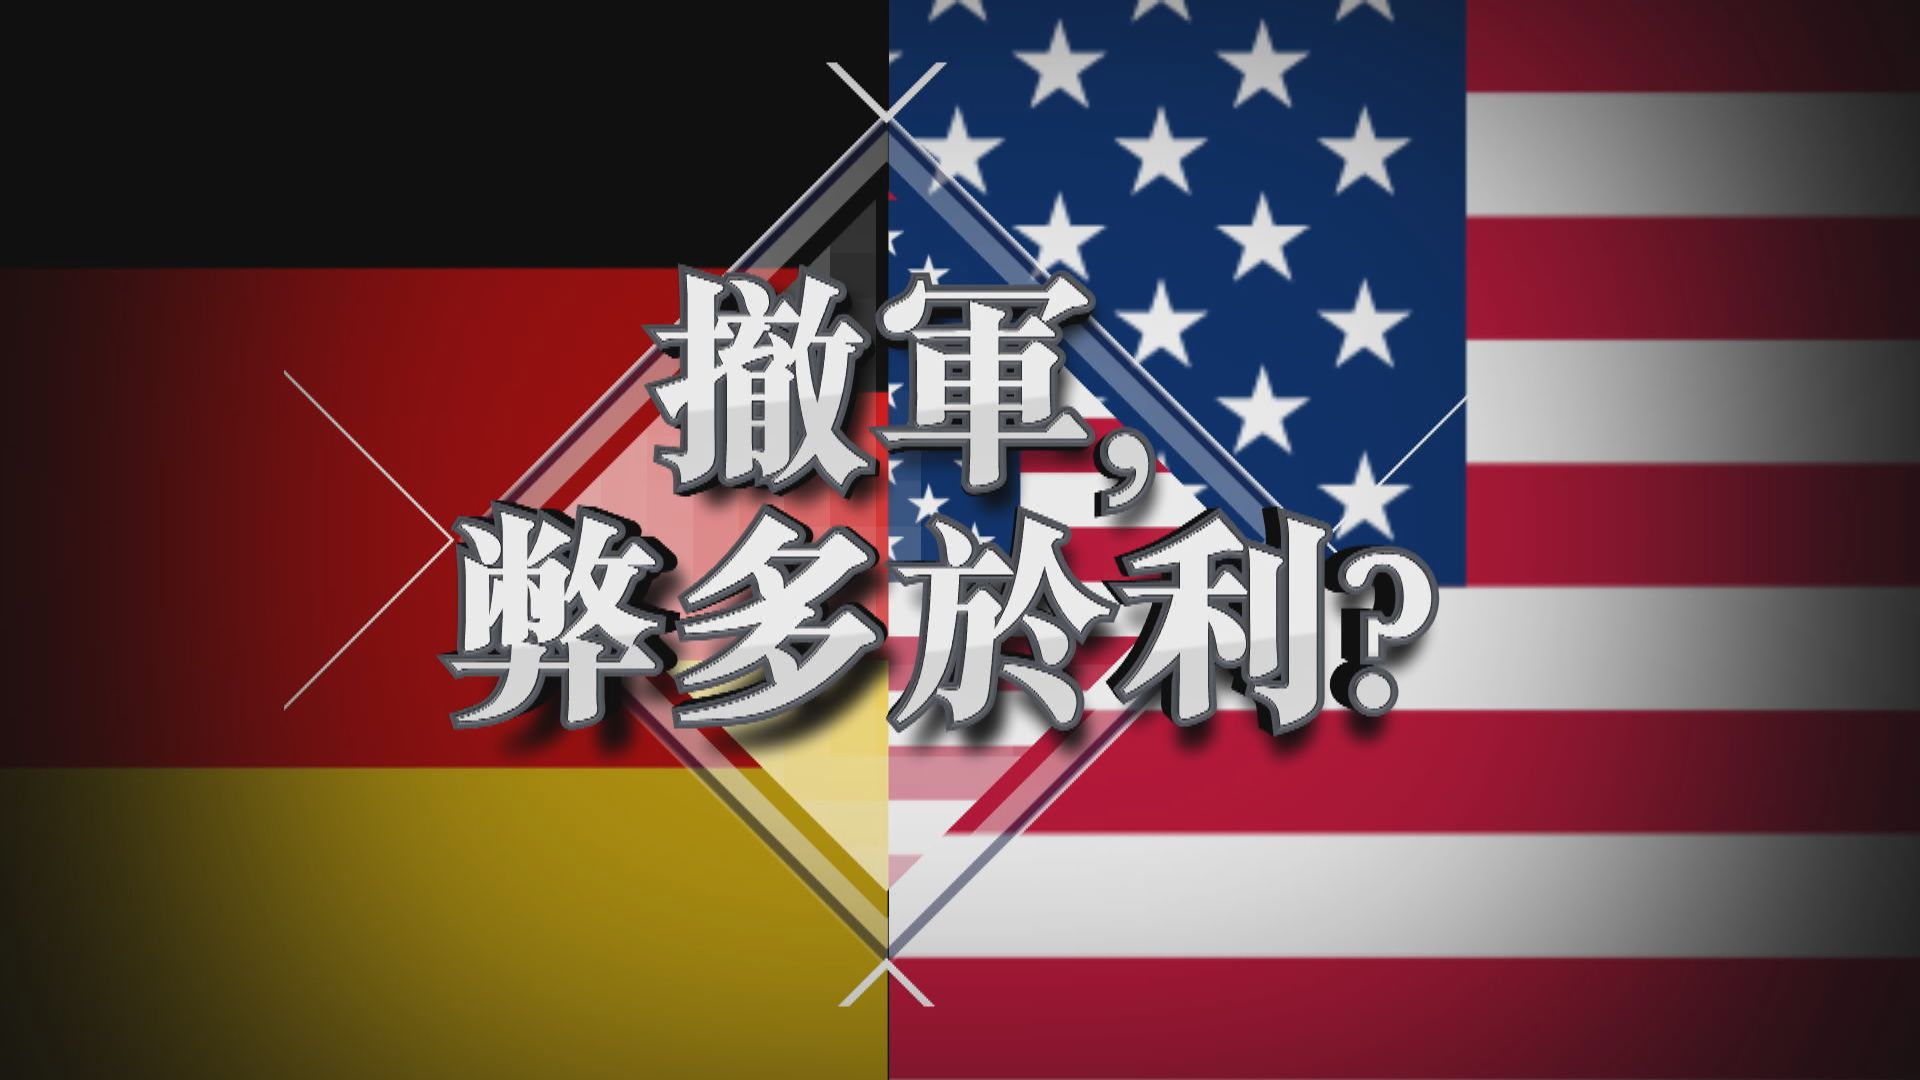 【新聞智庫】美國撤德國駐軍弊多於利?